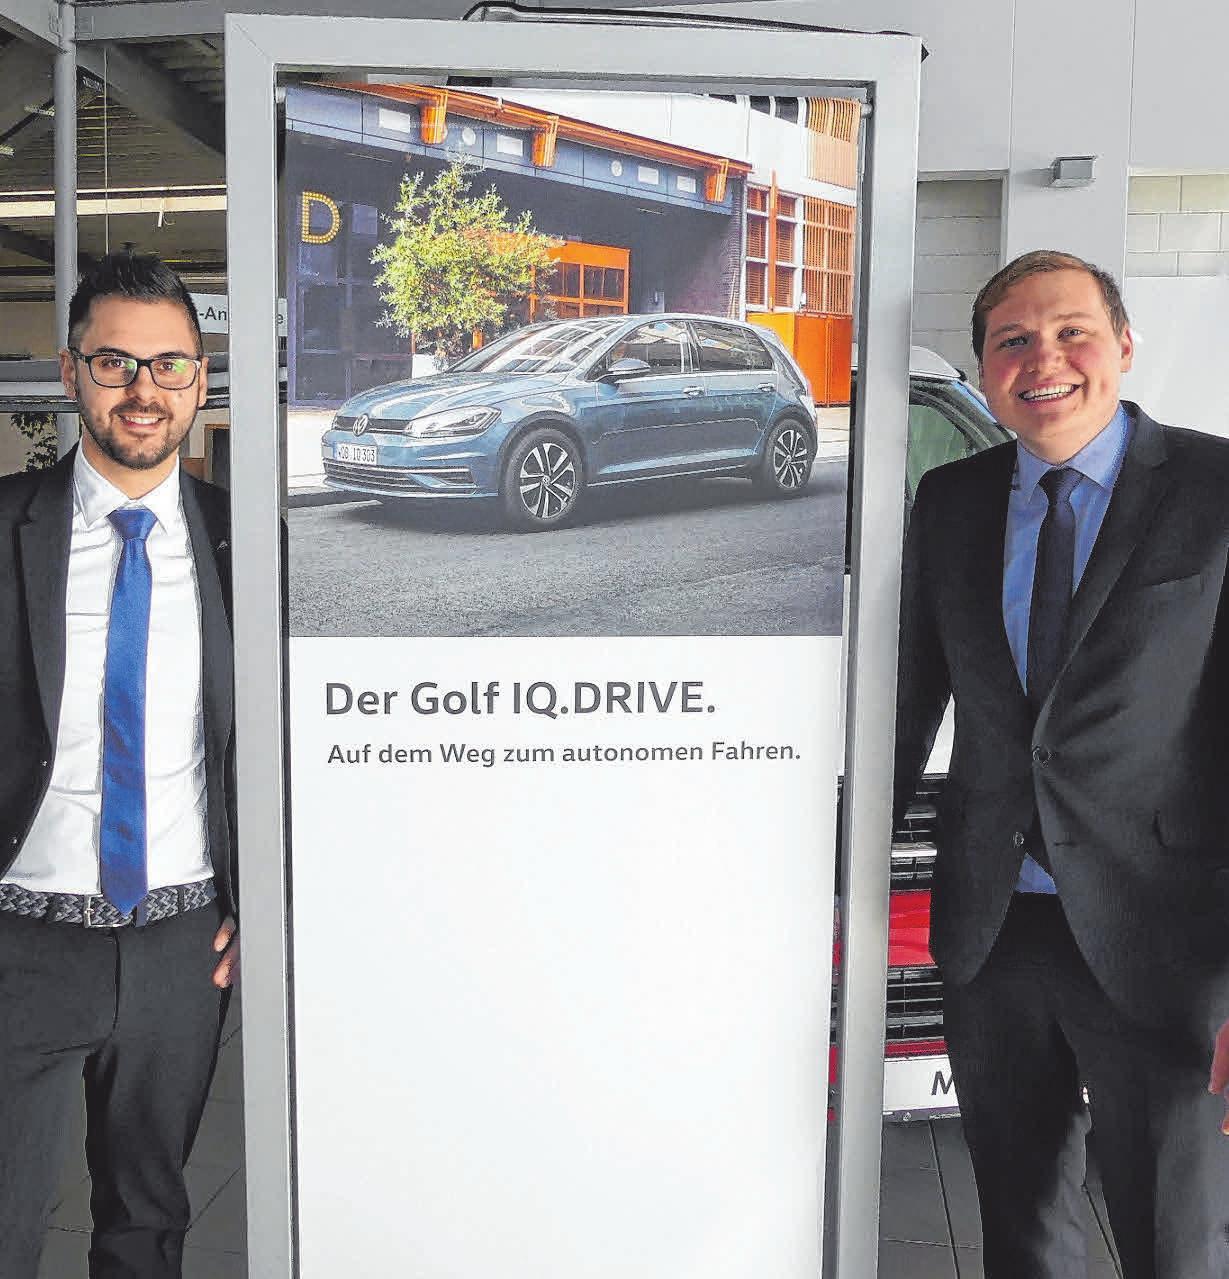 Florian Schweitzer (re) und Stephano Damiano, die beiden neuen Verkaufsberater im Autohaus Ehingen, werden beim Tag der offenen Tür den Kunden Rede und Antwort stehen. FOTOS:KHB